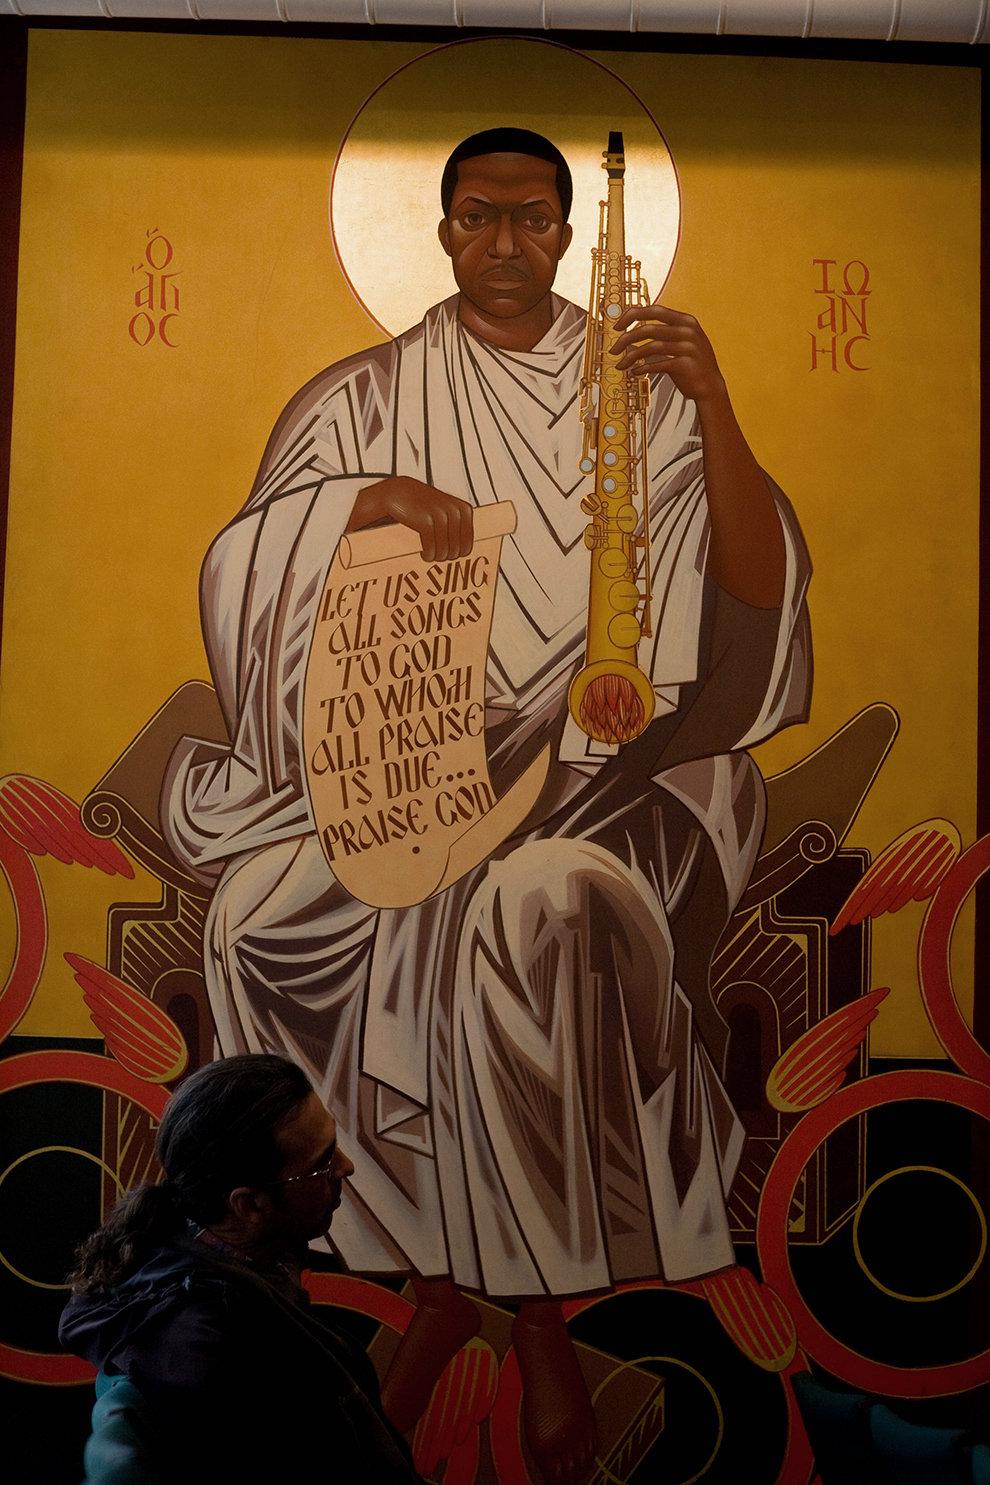 In der John Coltrane Kirche wird der Jazz-Saxofonist als Heiliger verehrt (Foto: Heidi Schumann/Polaris/laif)